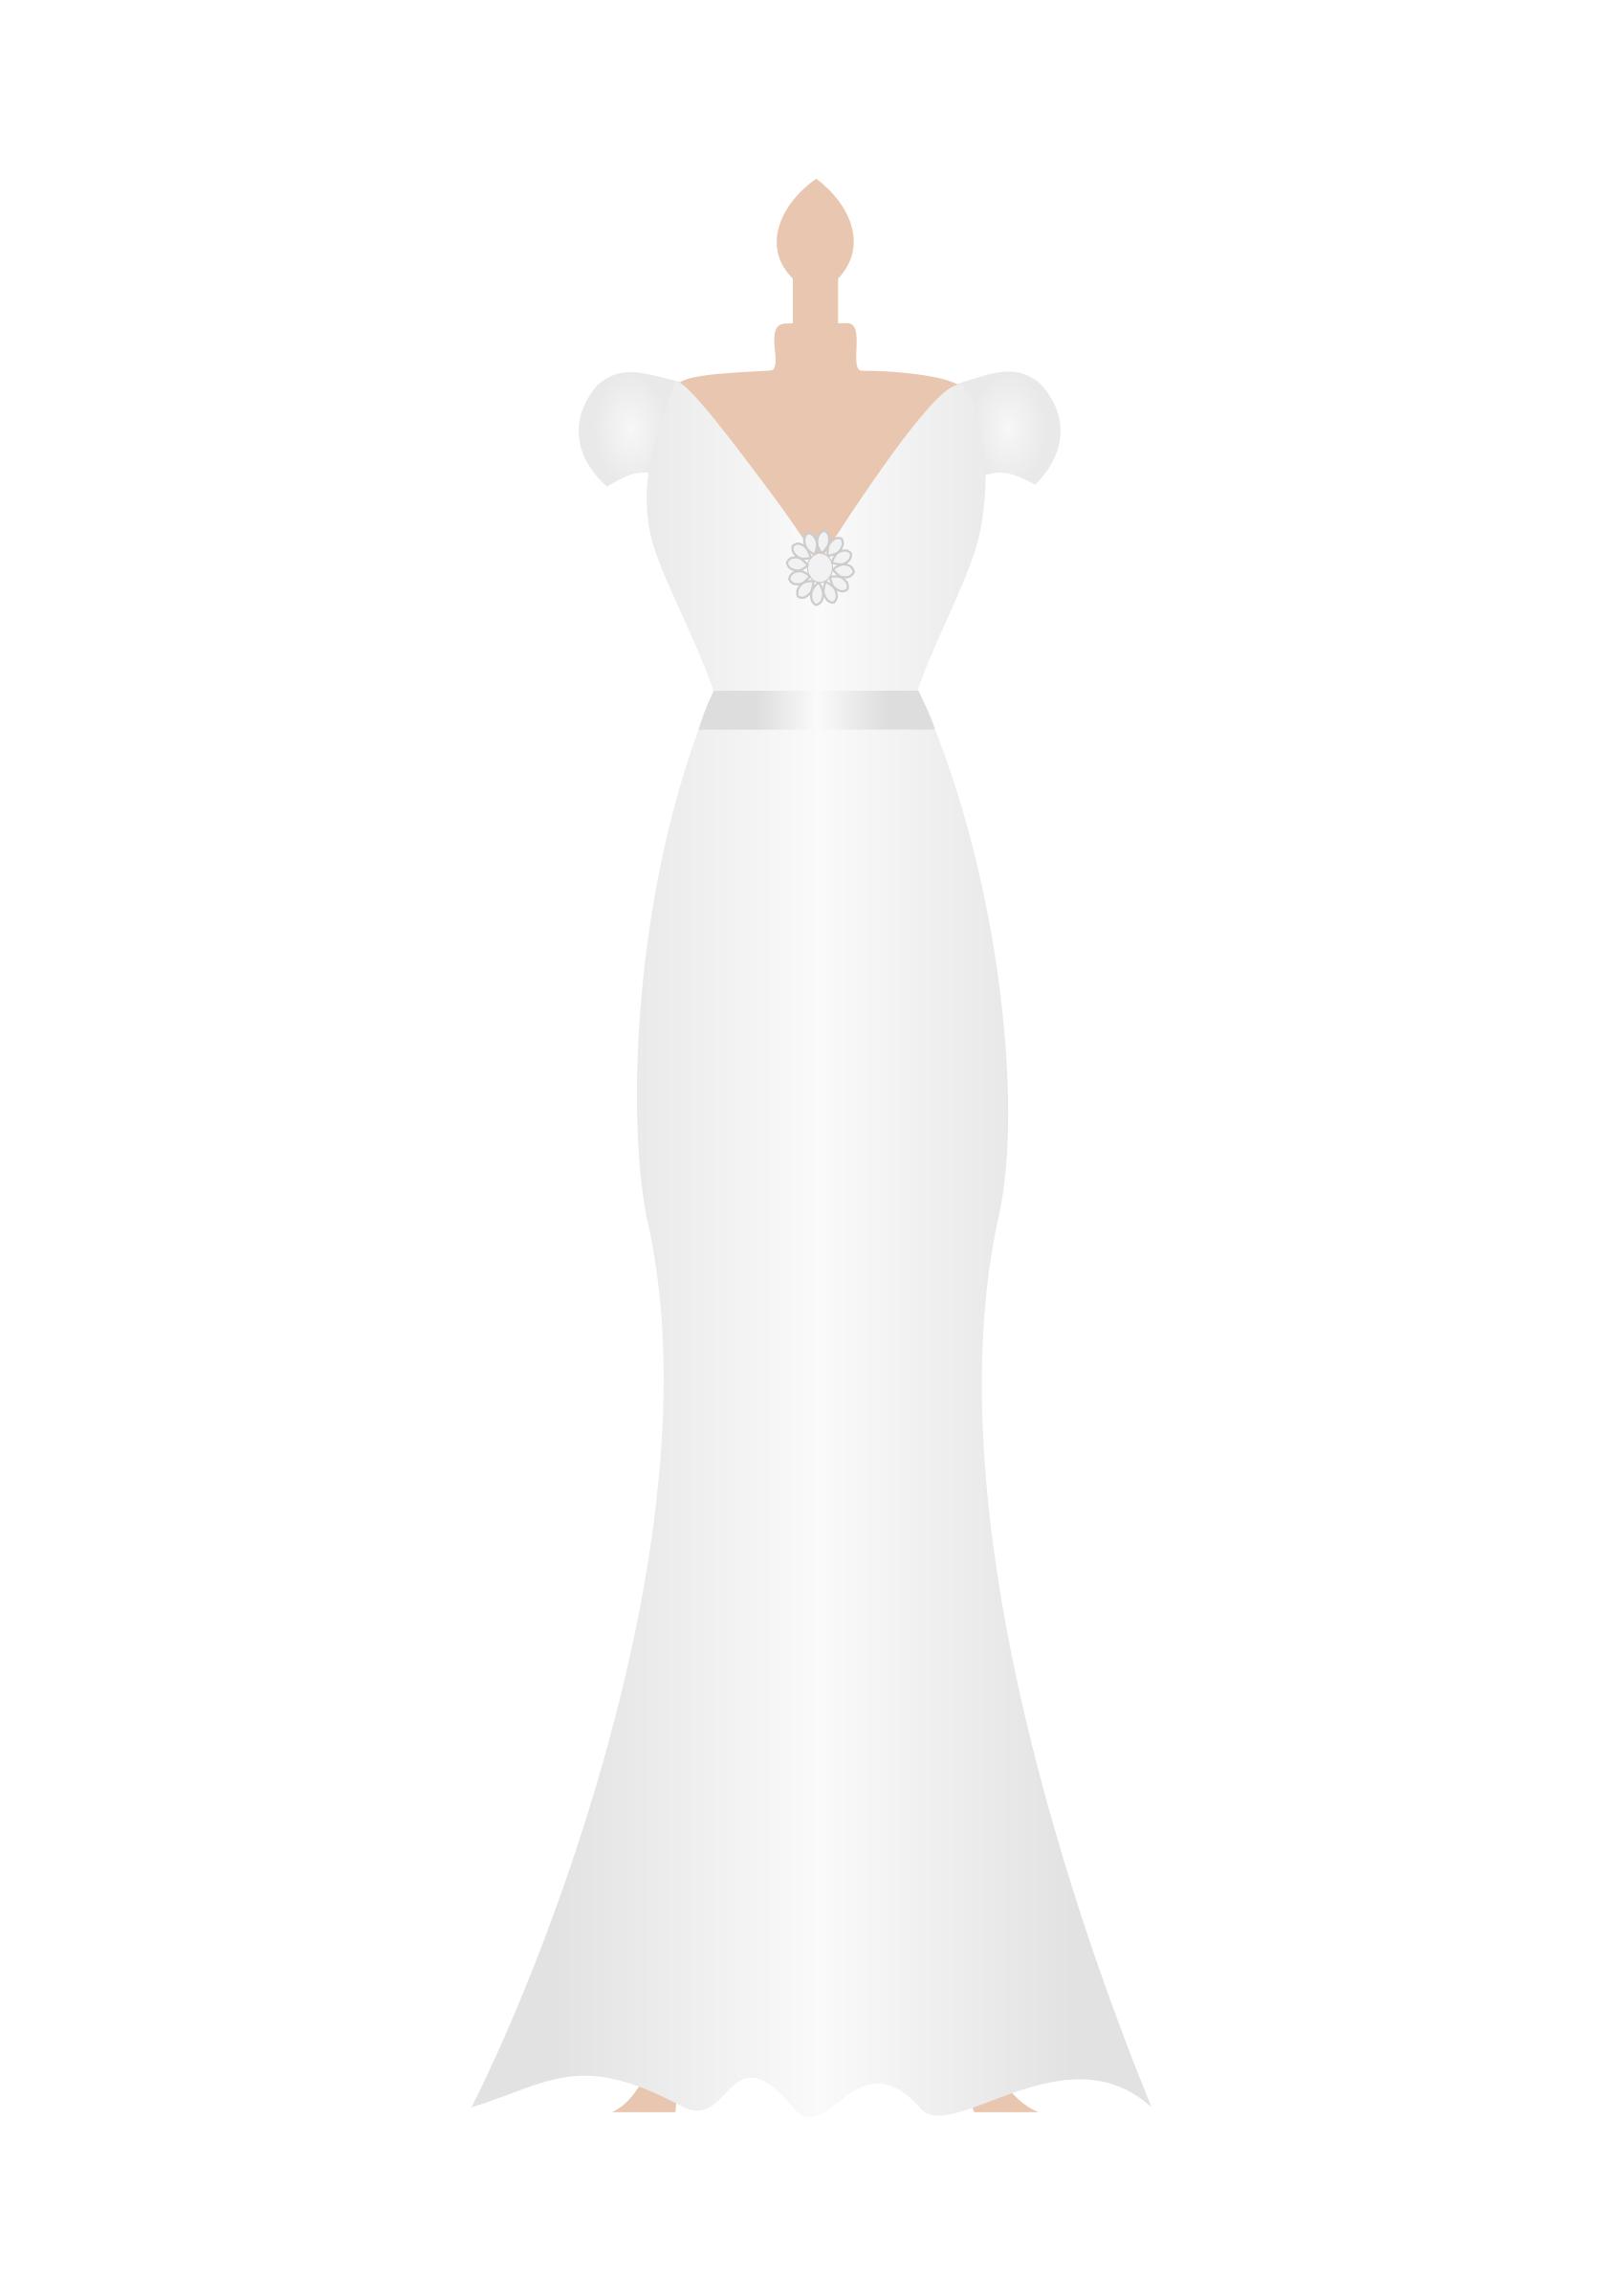 Clipart Wedding Dress